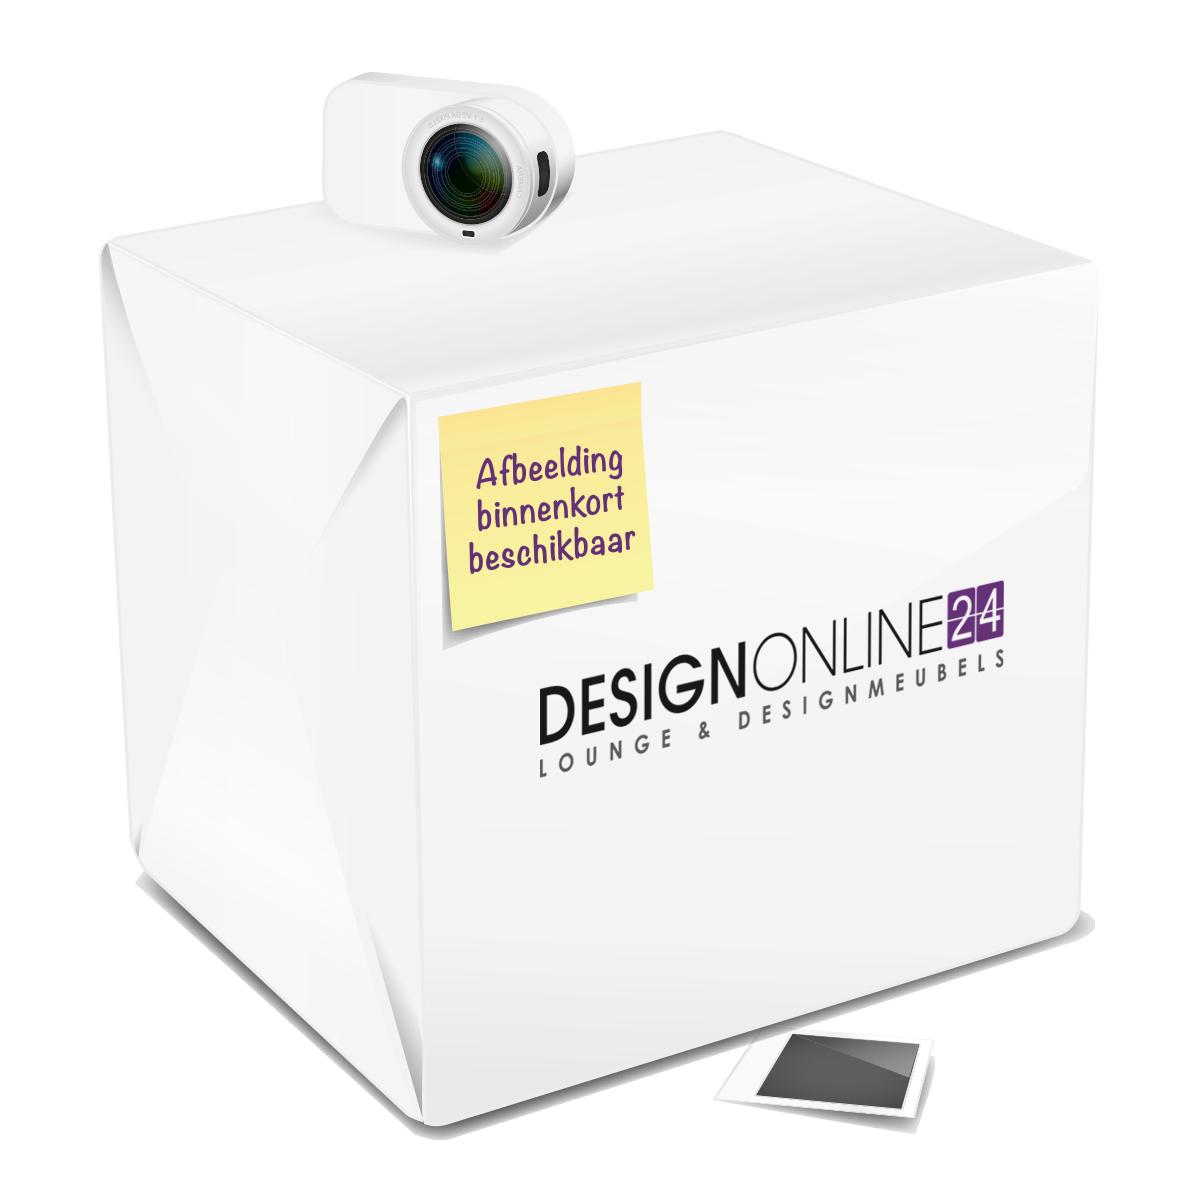 24Designs 24Designs Loungeset voor 4 Personen - Marina - Bruin/Grijs Polyrattan Wicker met Donkergrijze kussens